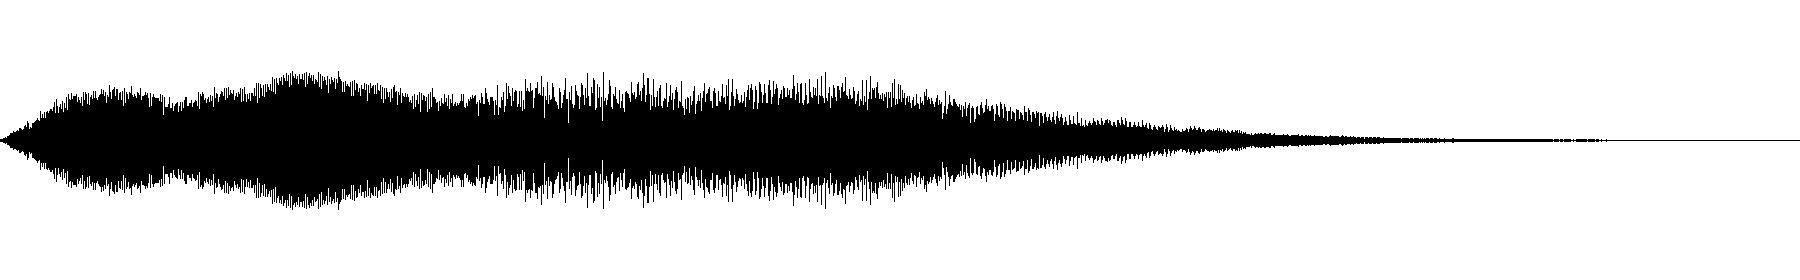 vfx1 atmos 66